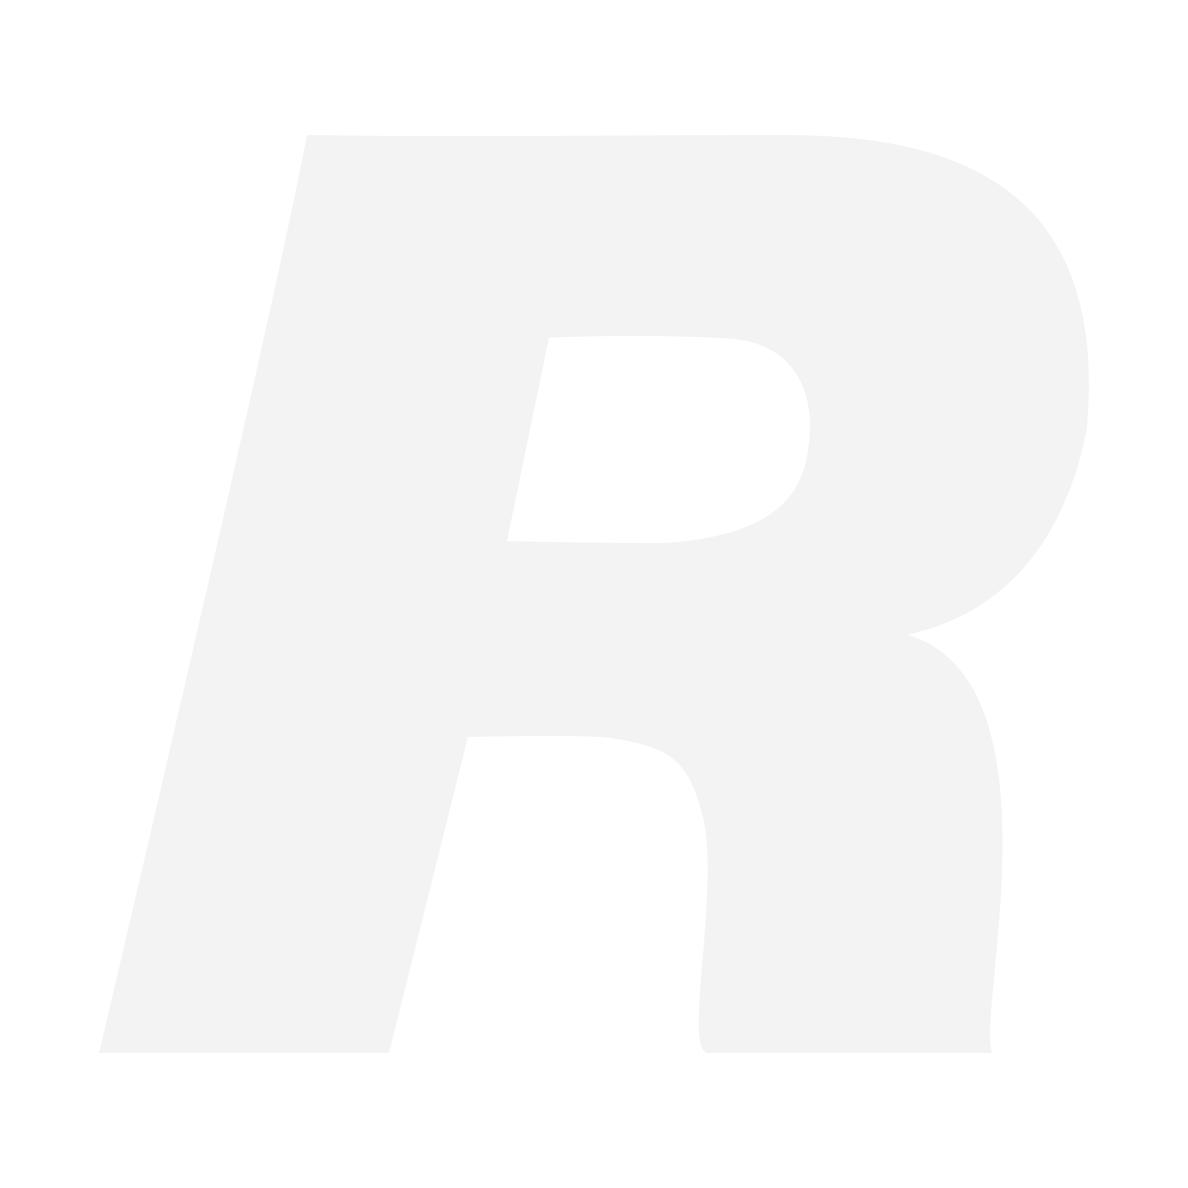 Manfrotto Pixi Evo Mini Tripod, svart (MTPIXIEVO-BK)